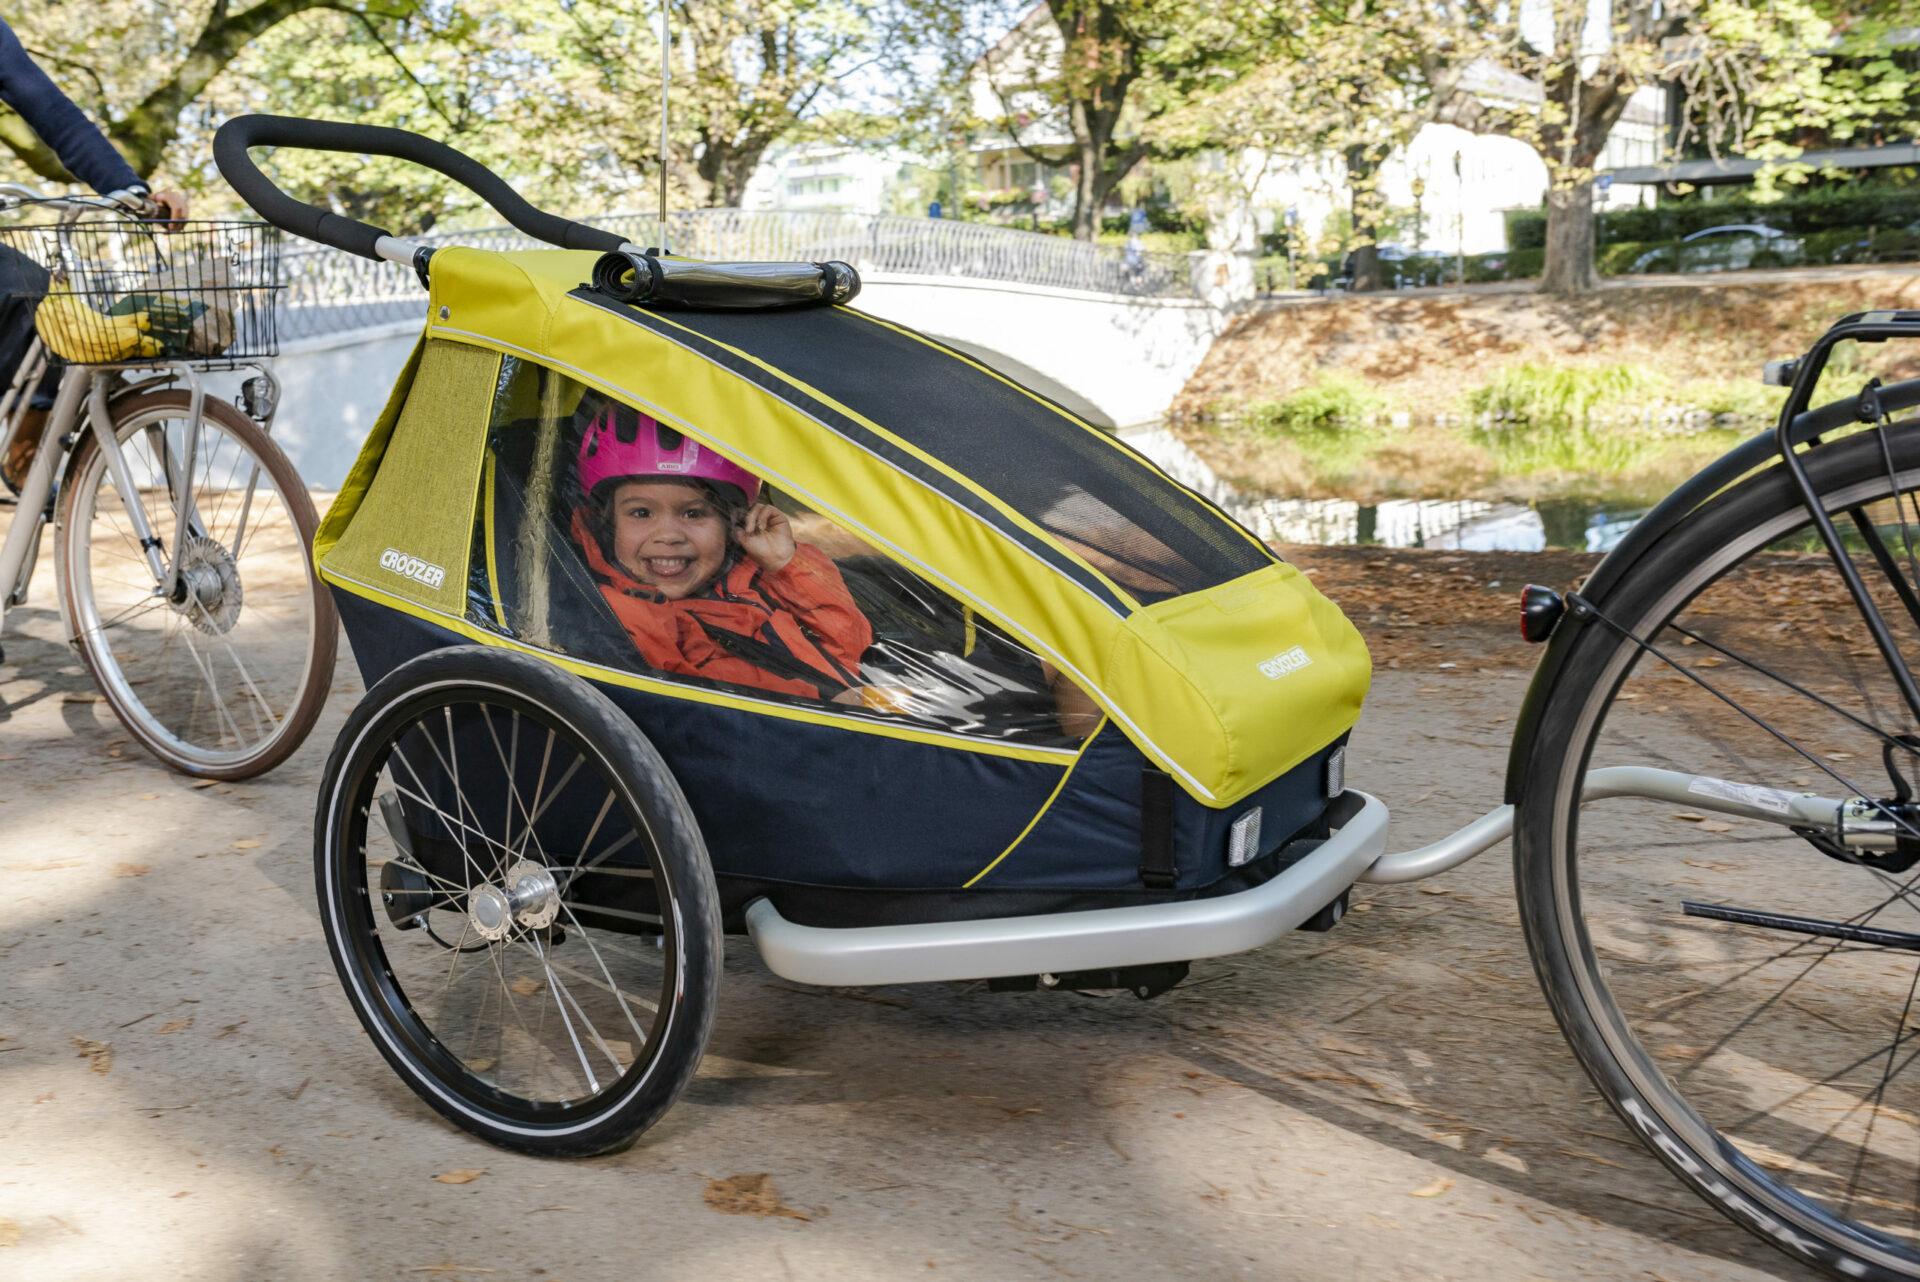 Unterwegs mit dem Fahrradanhänger, Bild: www.croozer.de | pd-f